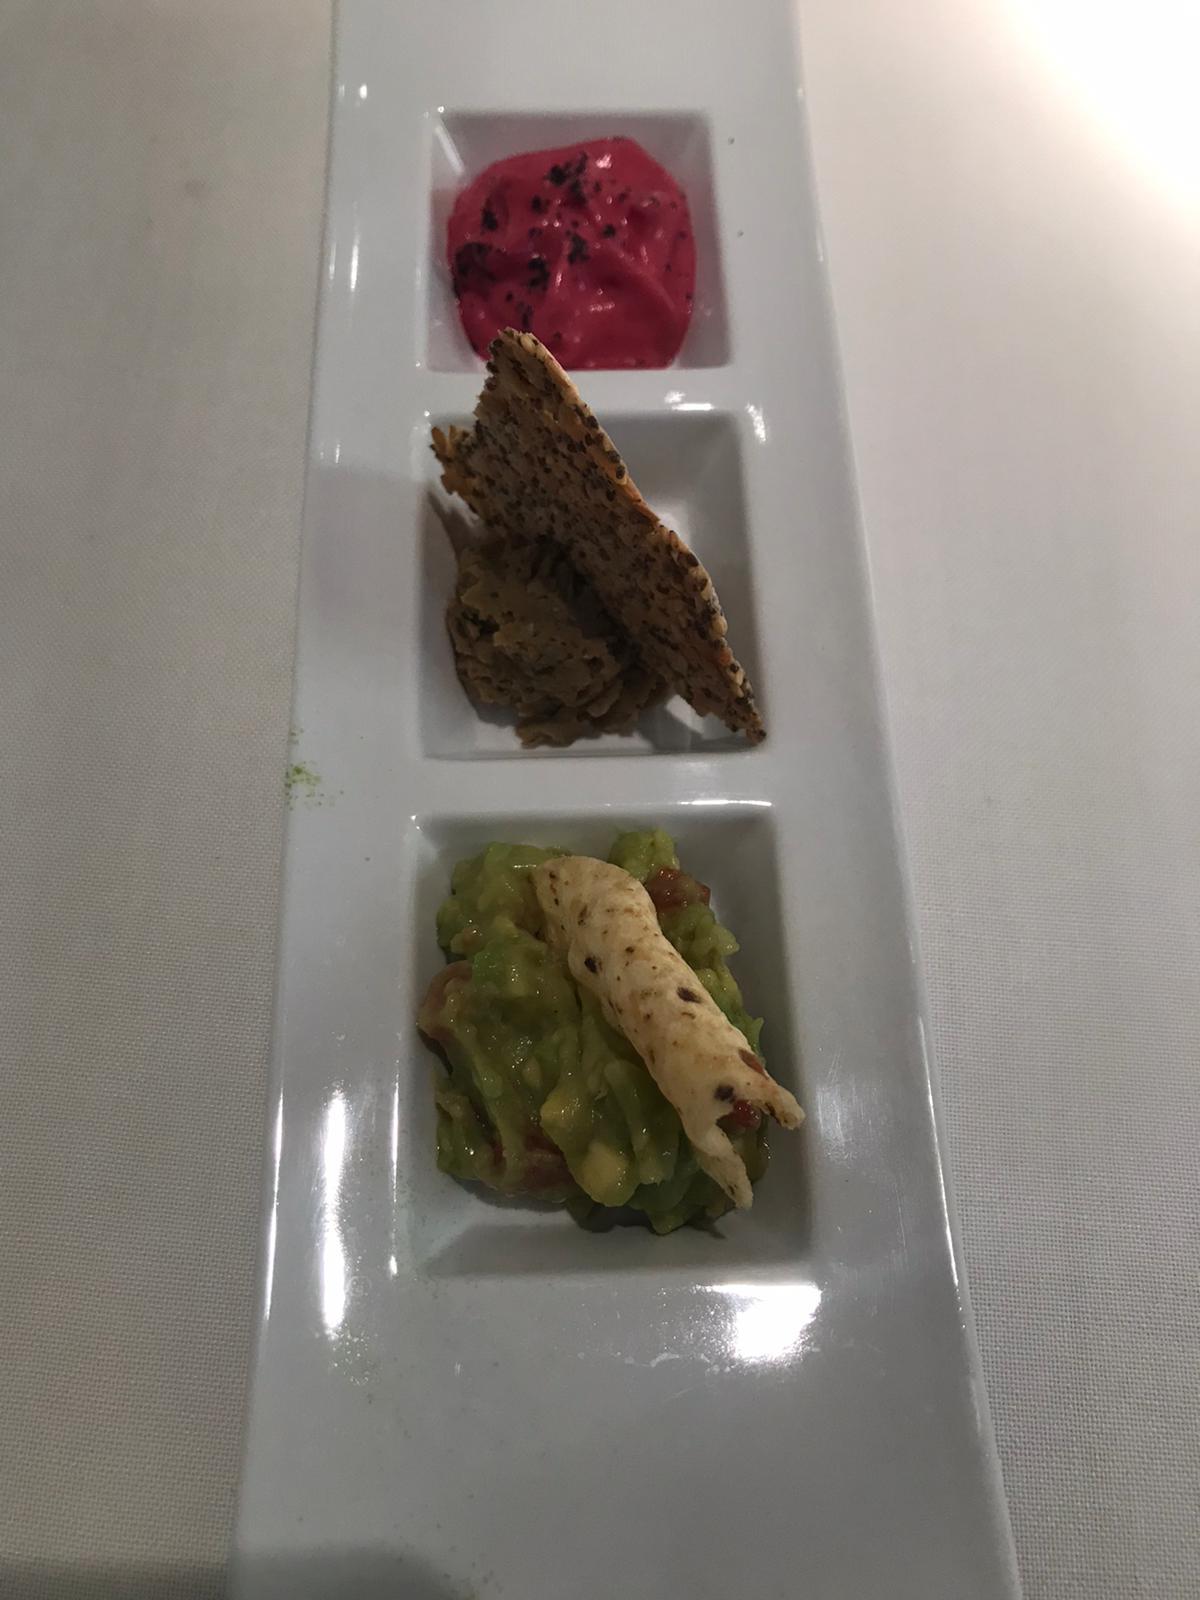 Reseñas gastronómicas: Restaurante Elordi en Villajoyosa 2